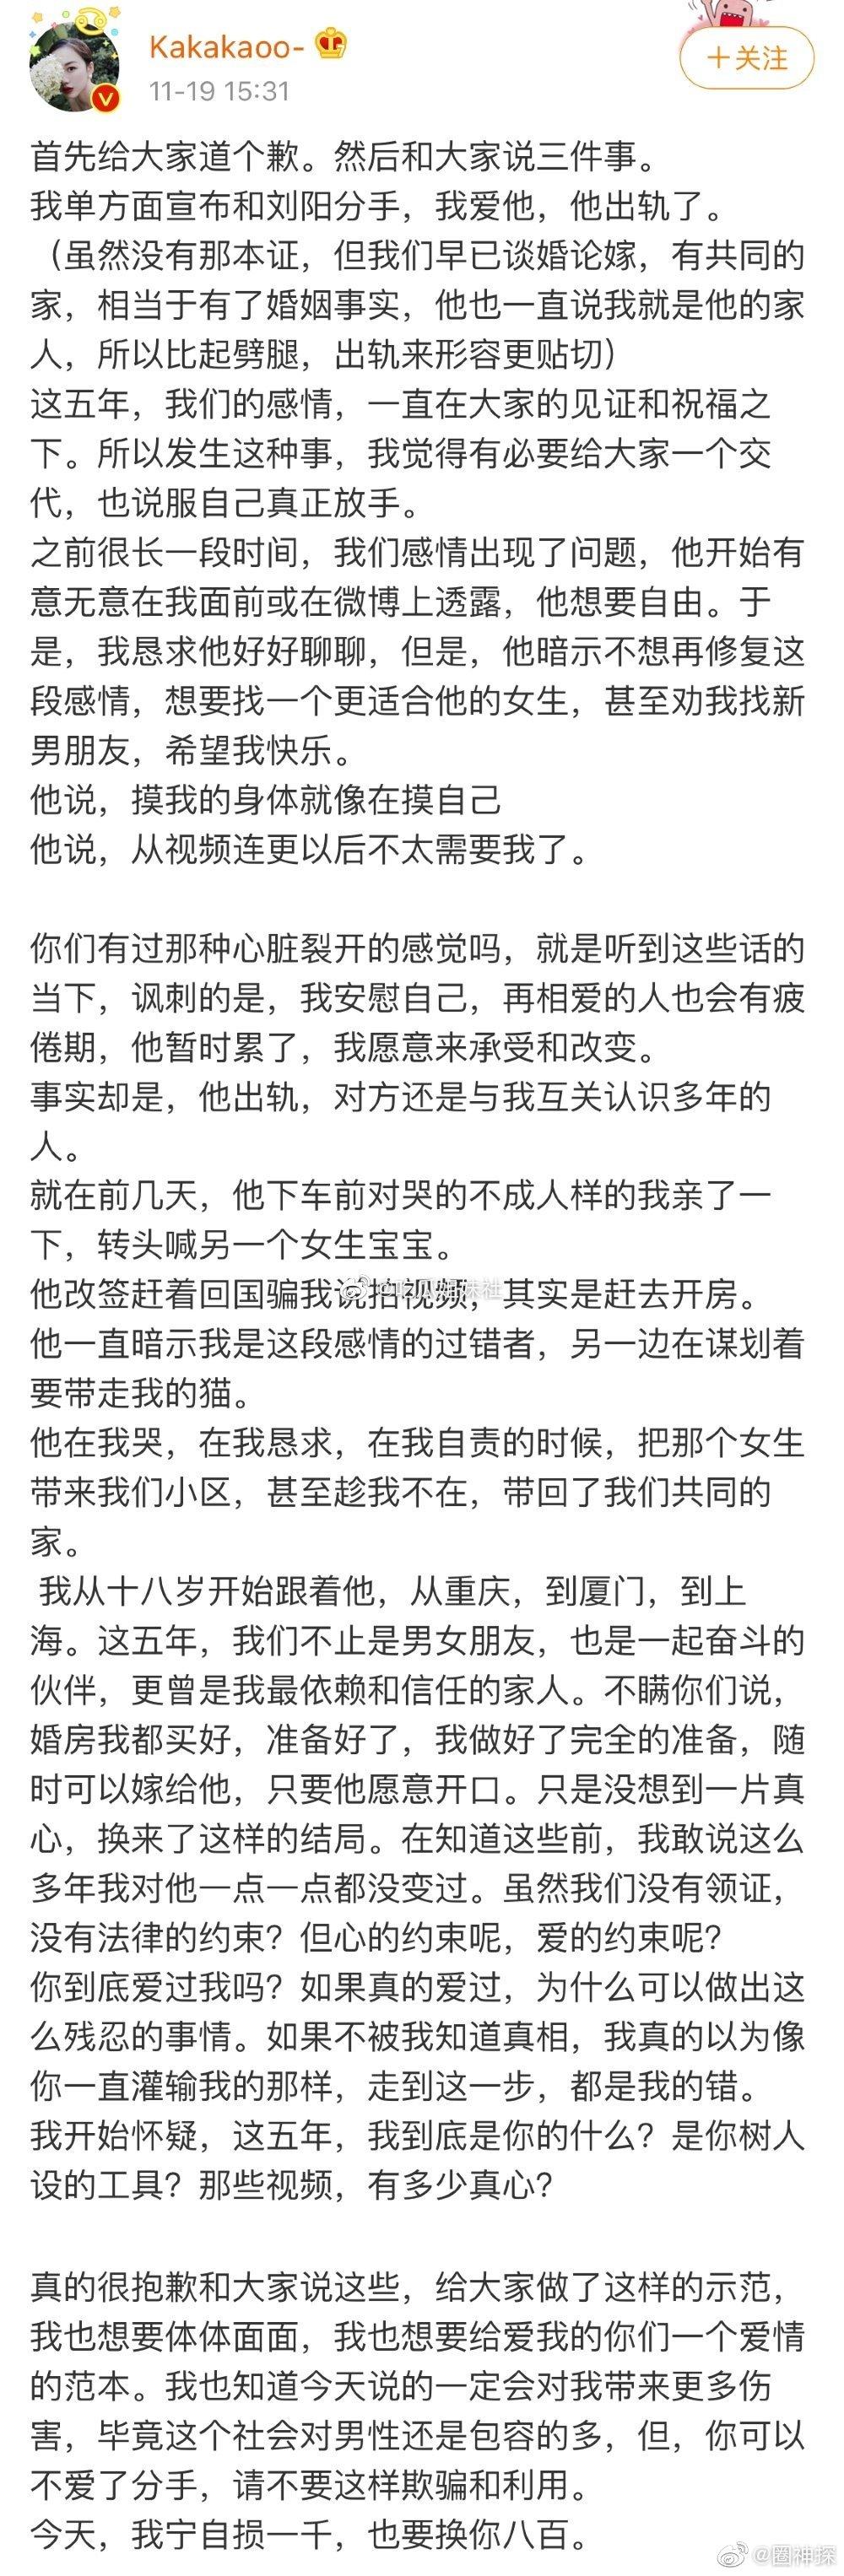 震惊了!!网红阿沁单方面宣布与刘阳分手,表示刘阳出轨